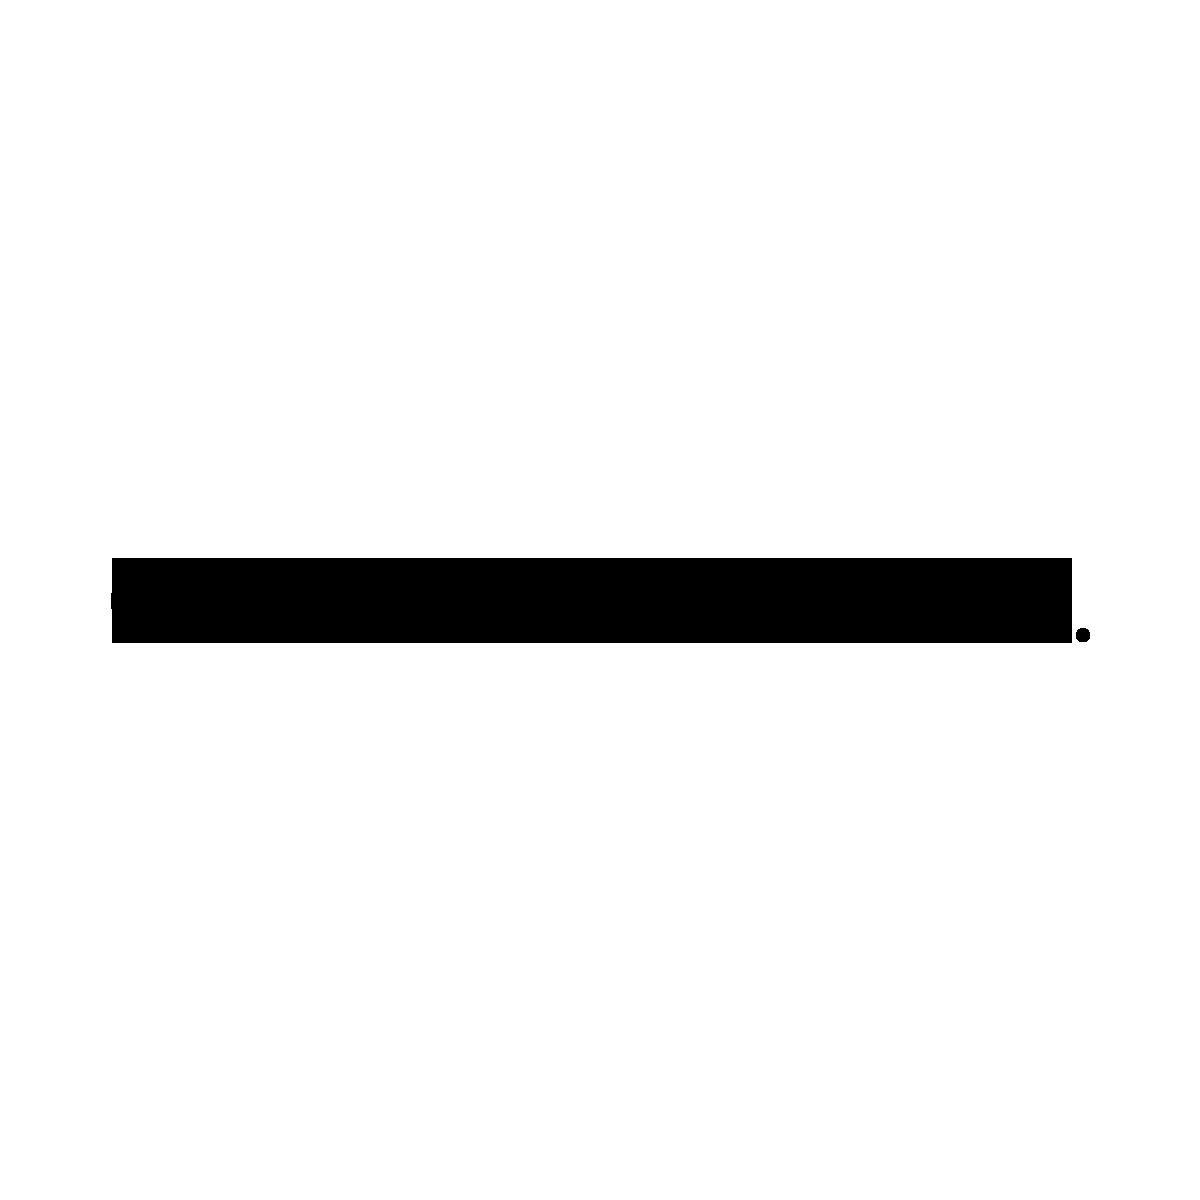 Schultertasche-in-Leder-mit-Muster-Braun